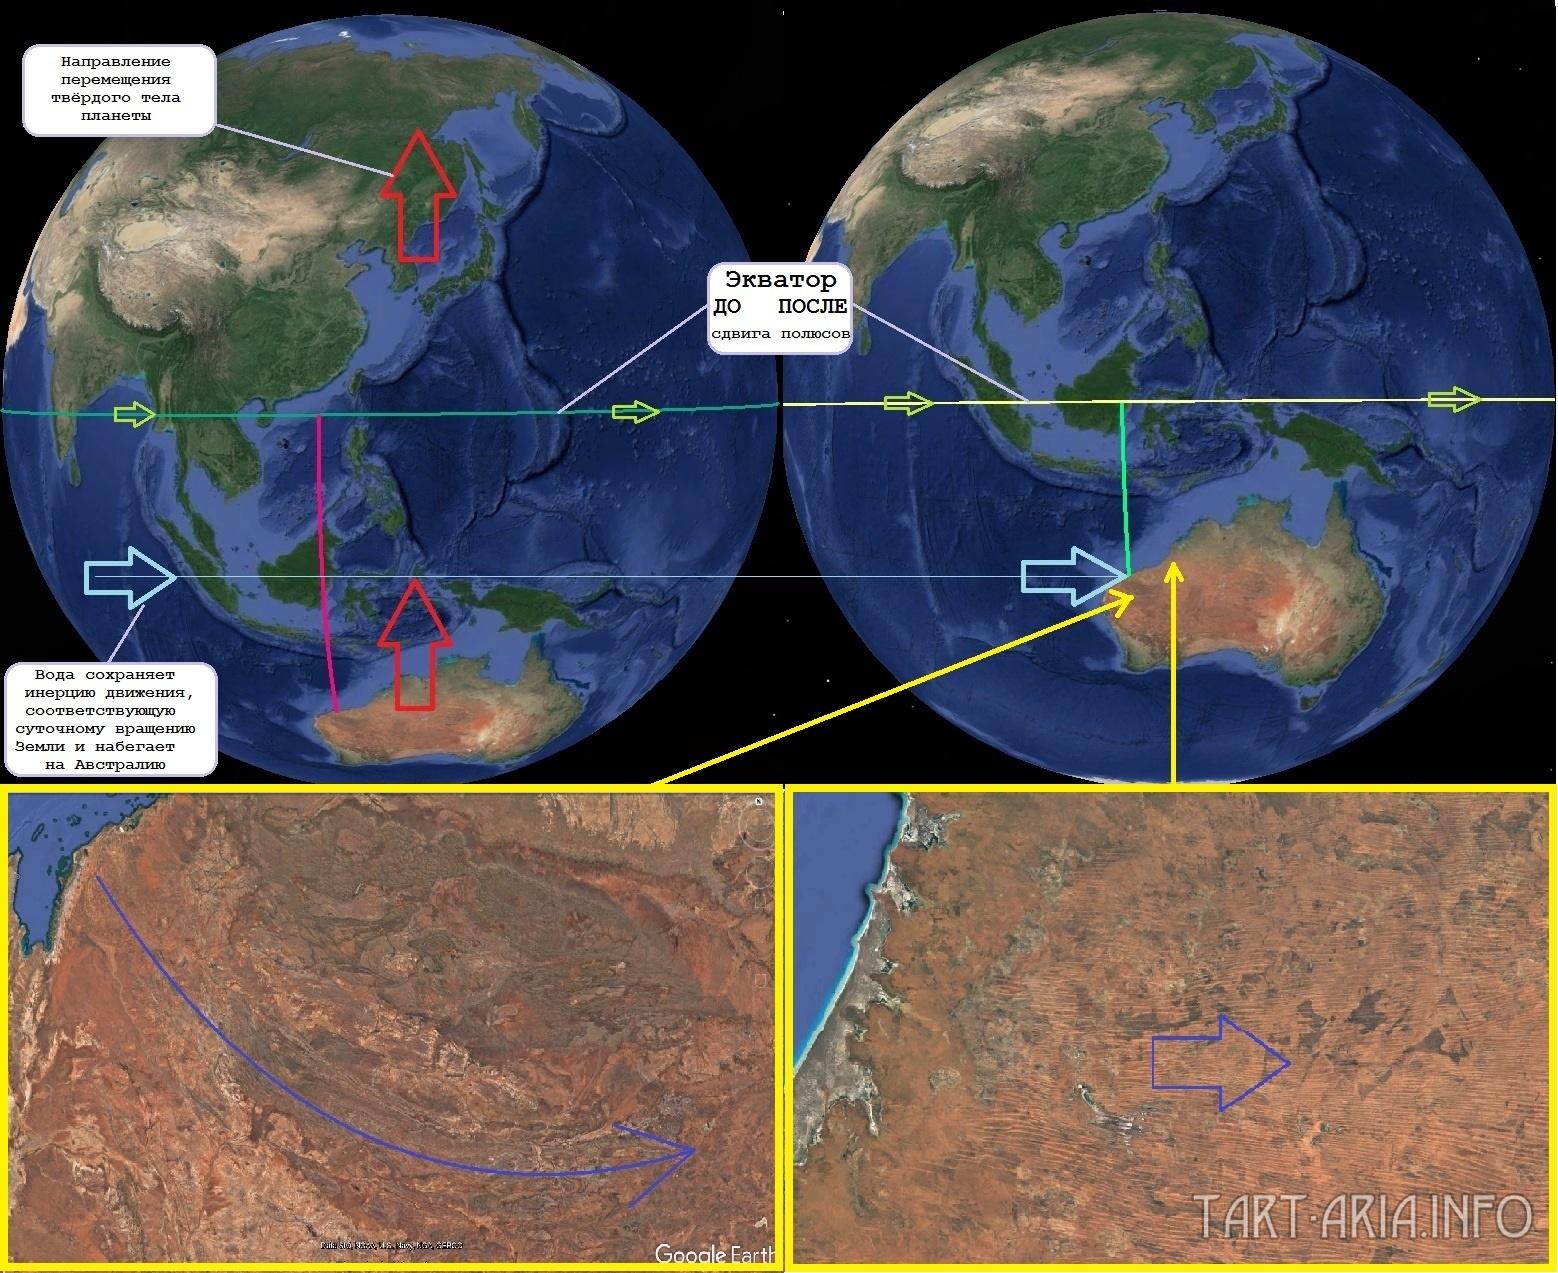 Карта. Сдвиг полюсов. Австралия - расстояния до экватора 5